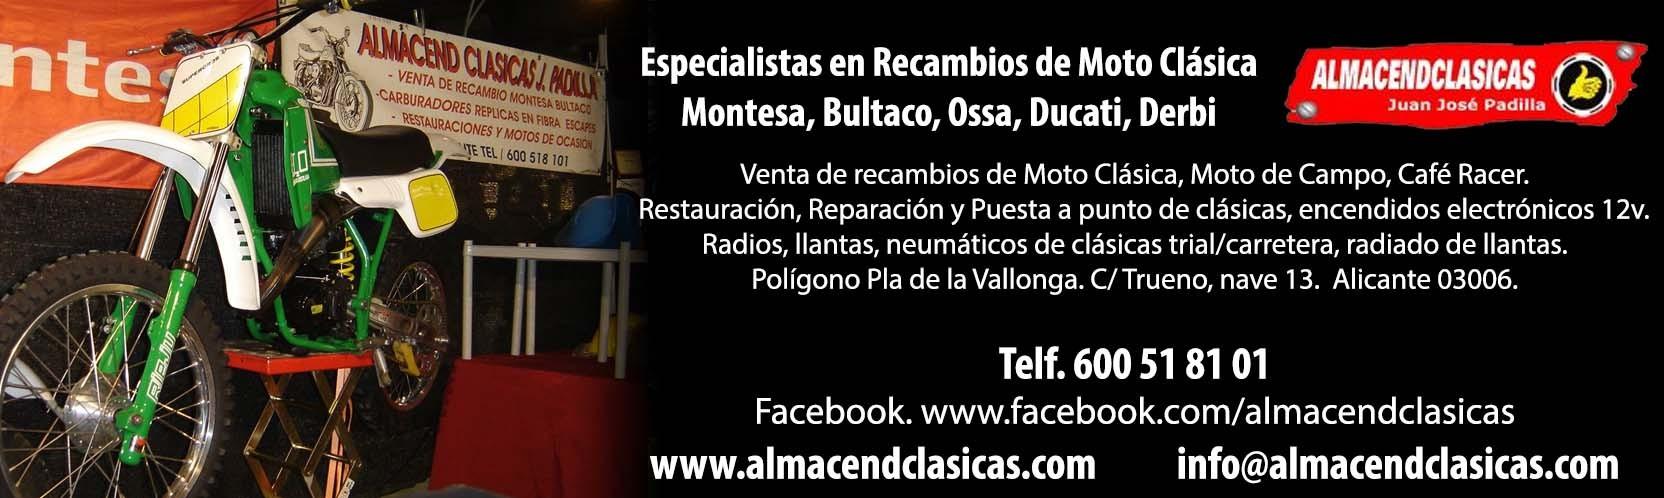 Almacendclasicas